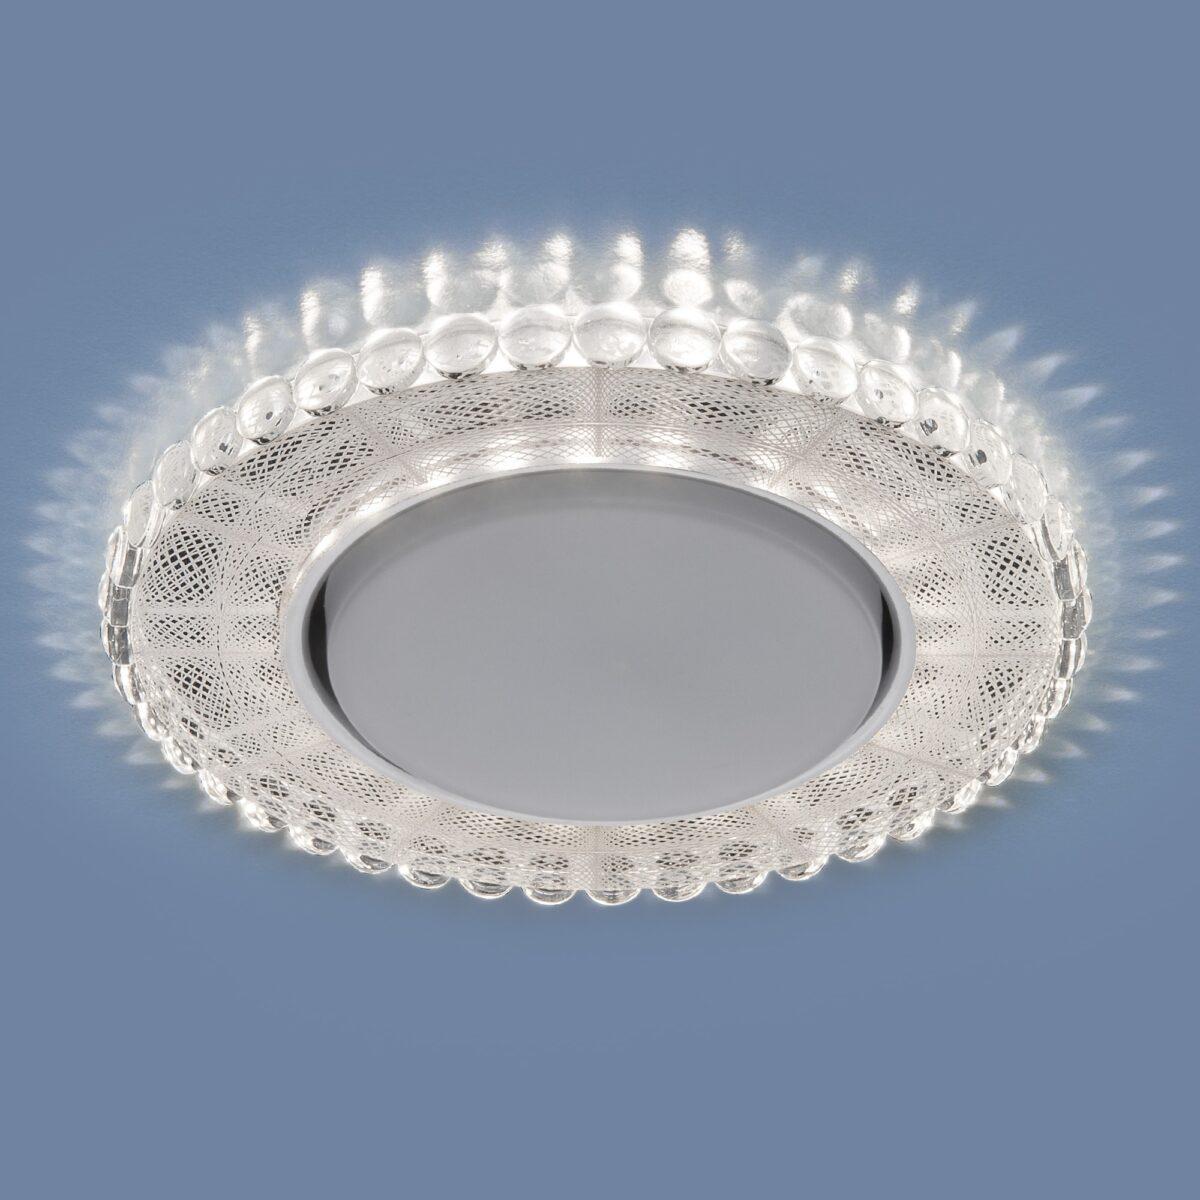 3035 GX53 / Светильник встраиваемый SL/WH зеркальный/белый